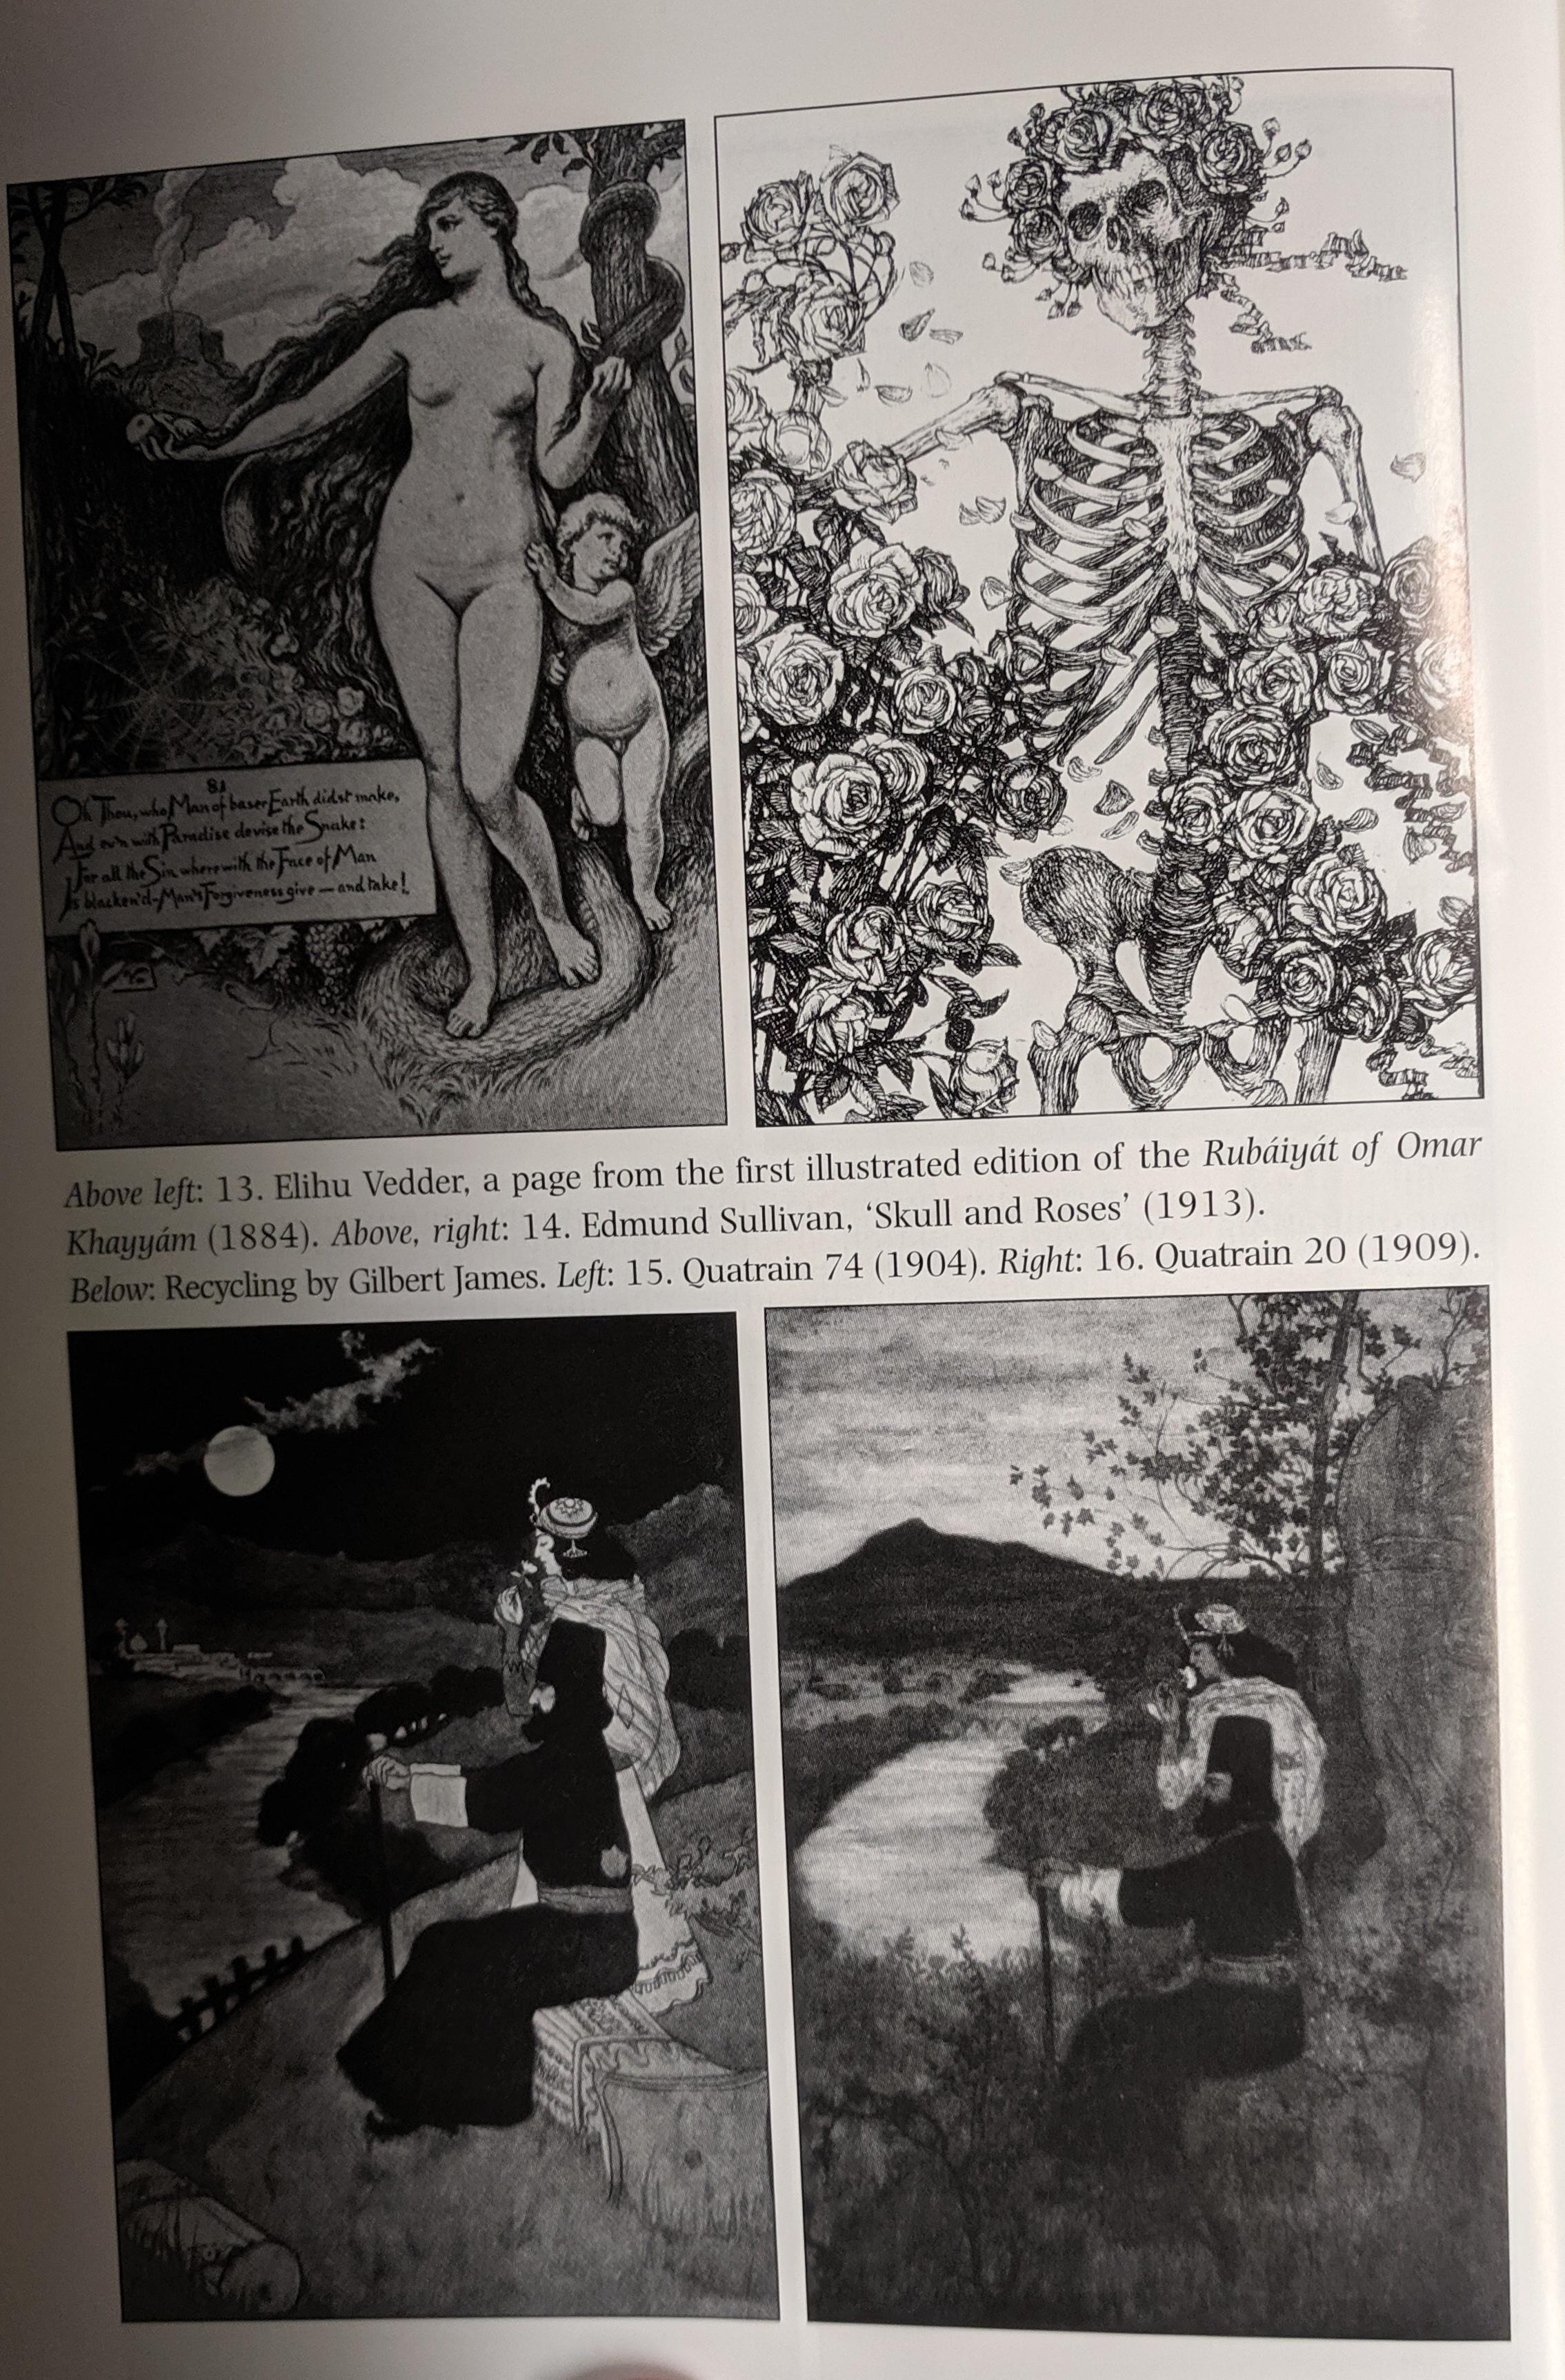 khayyam images 2